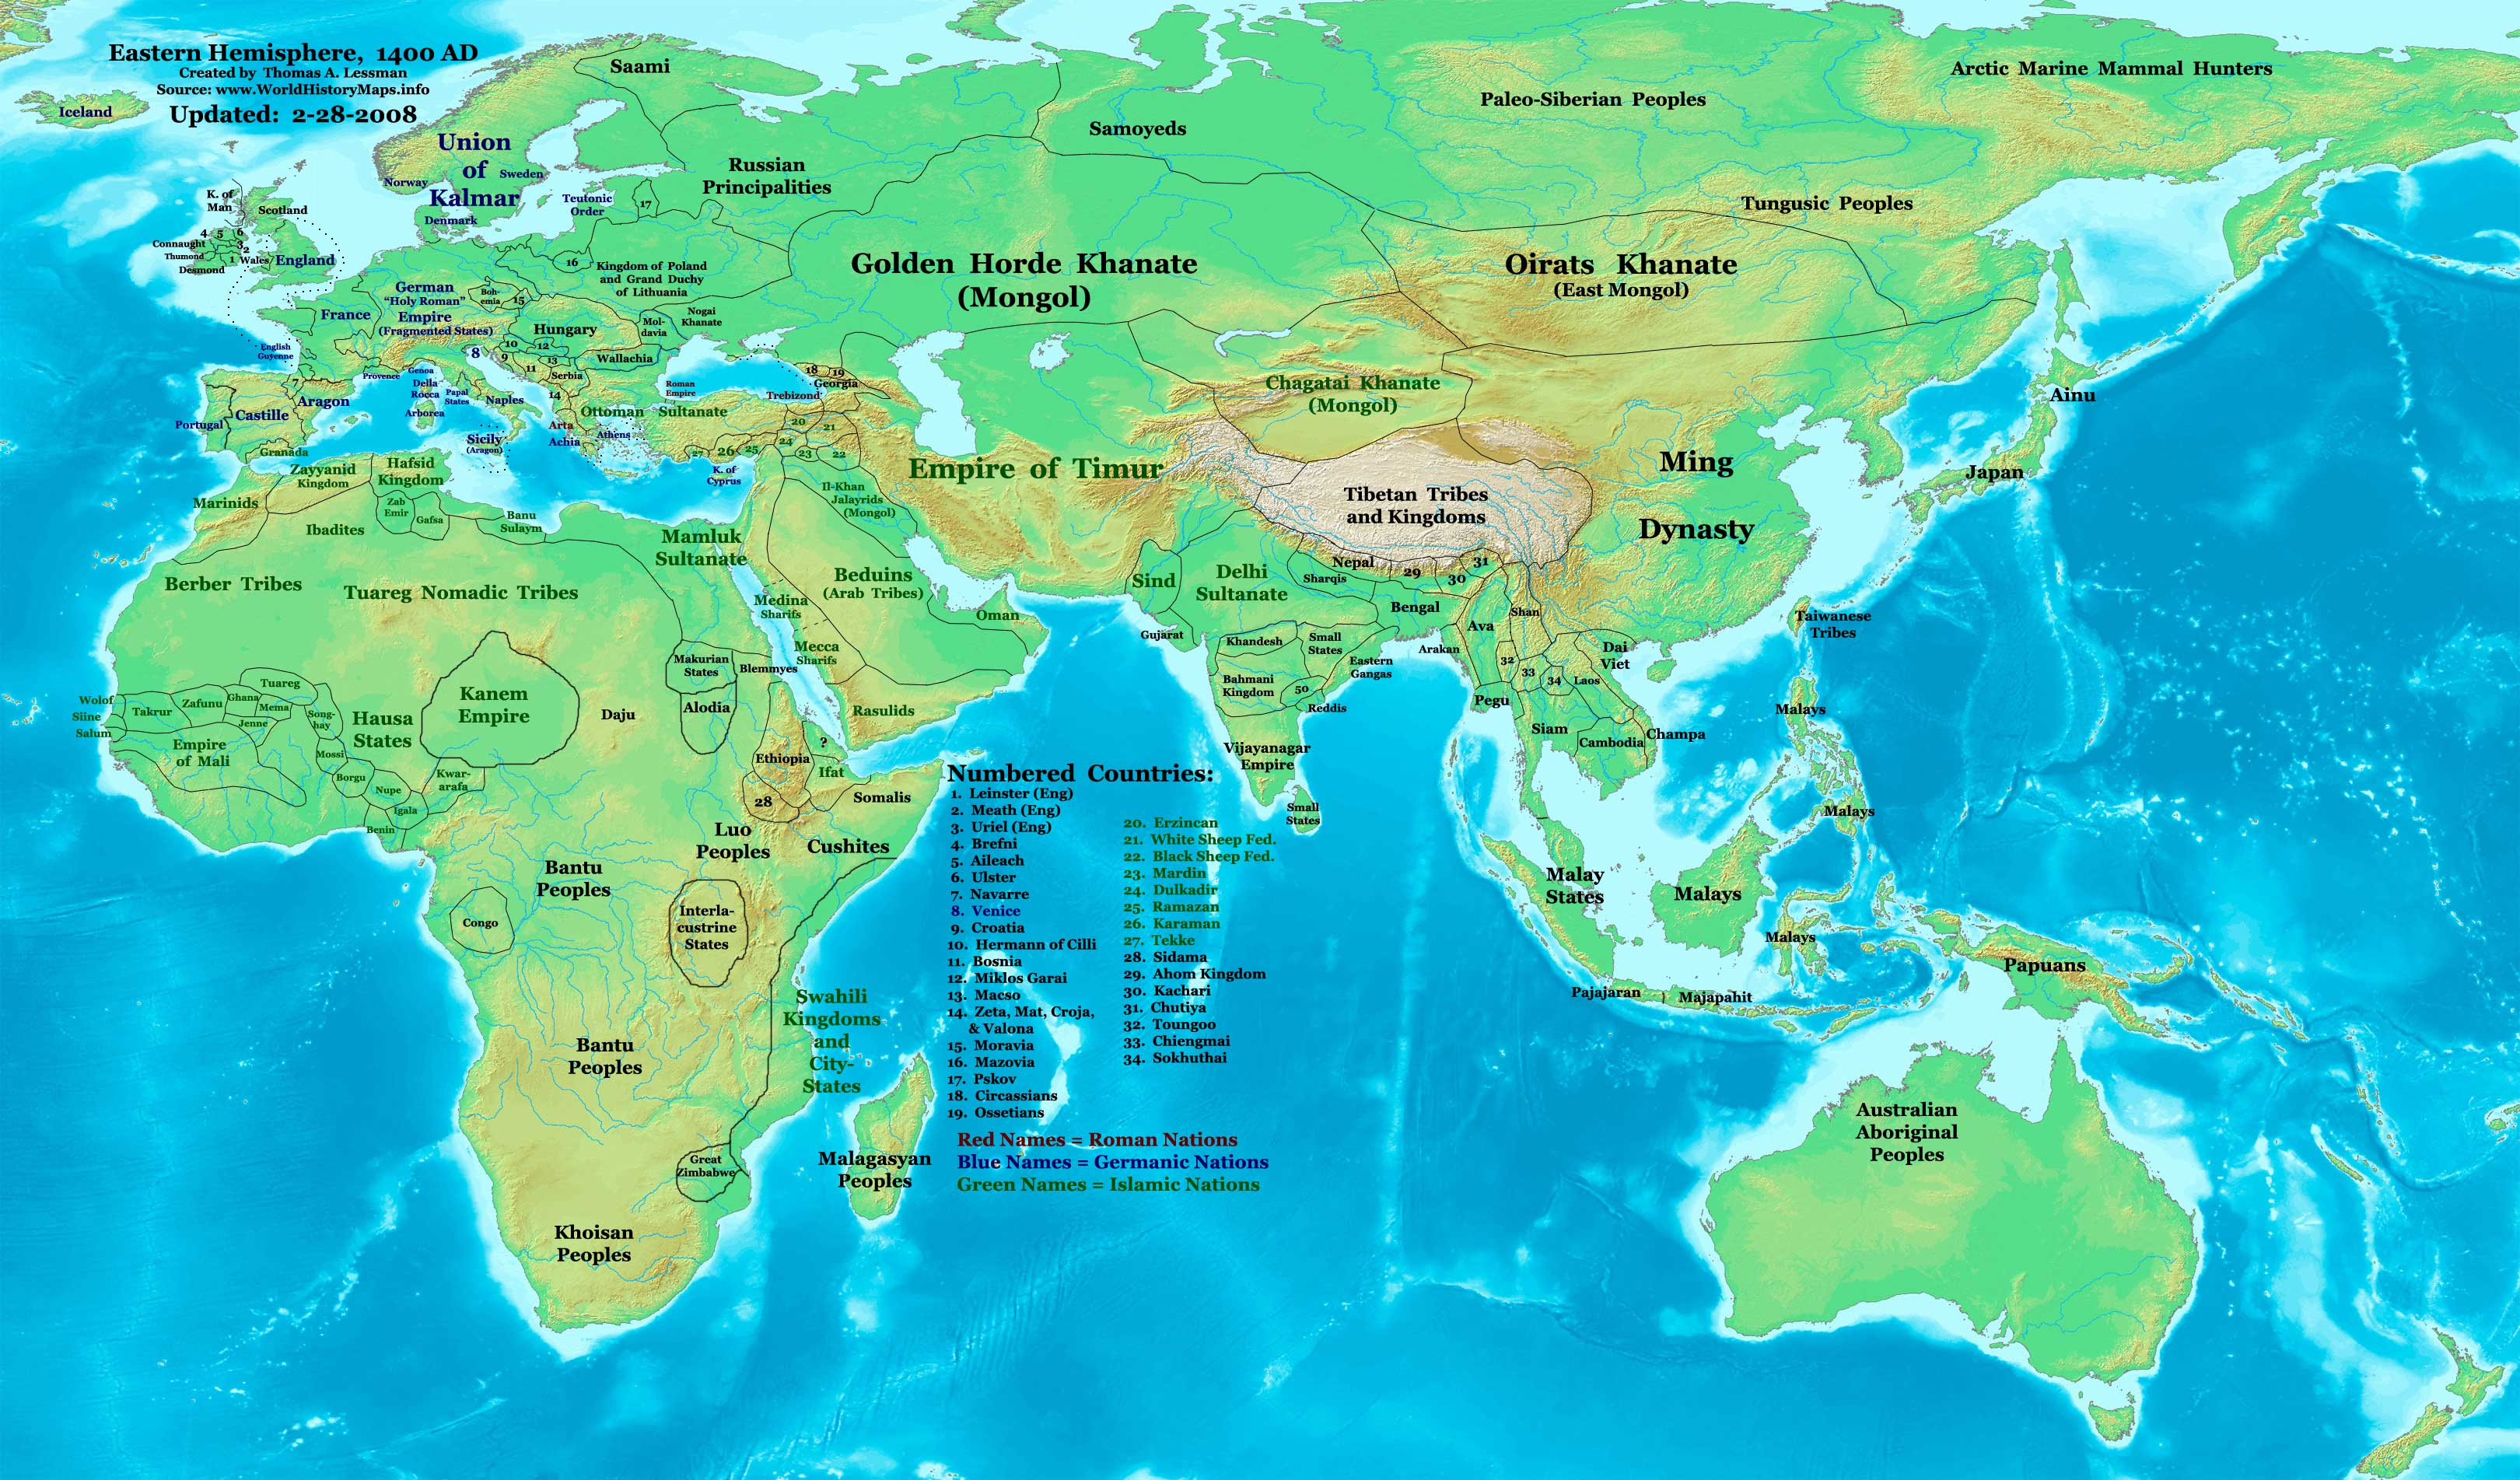 http://worldhistorymaps.info/images/East-Hem_1400ad.jpg